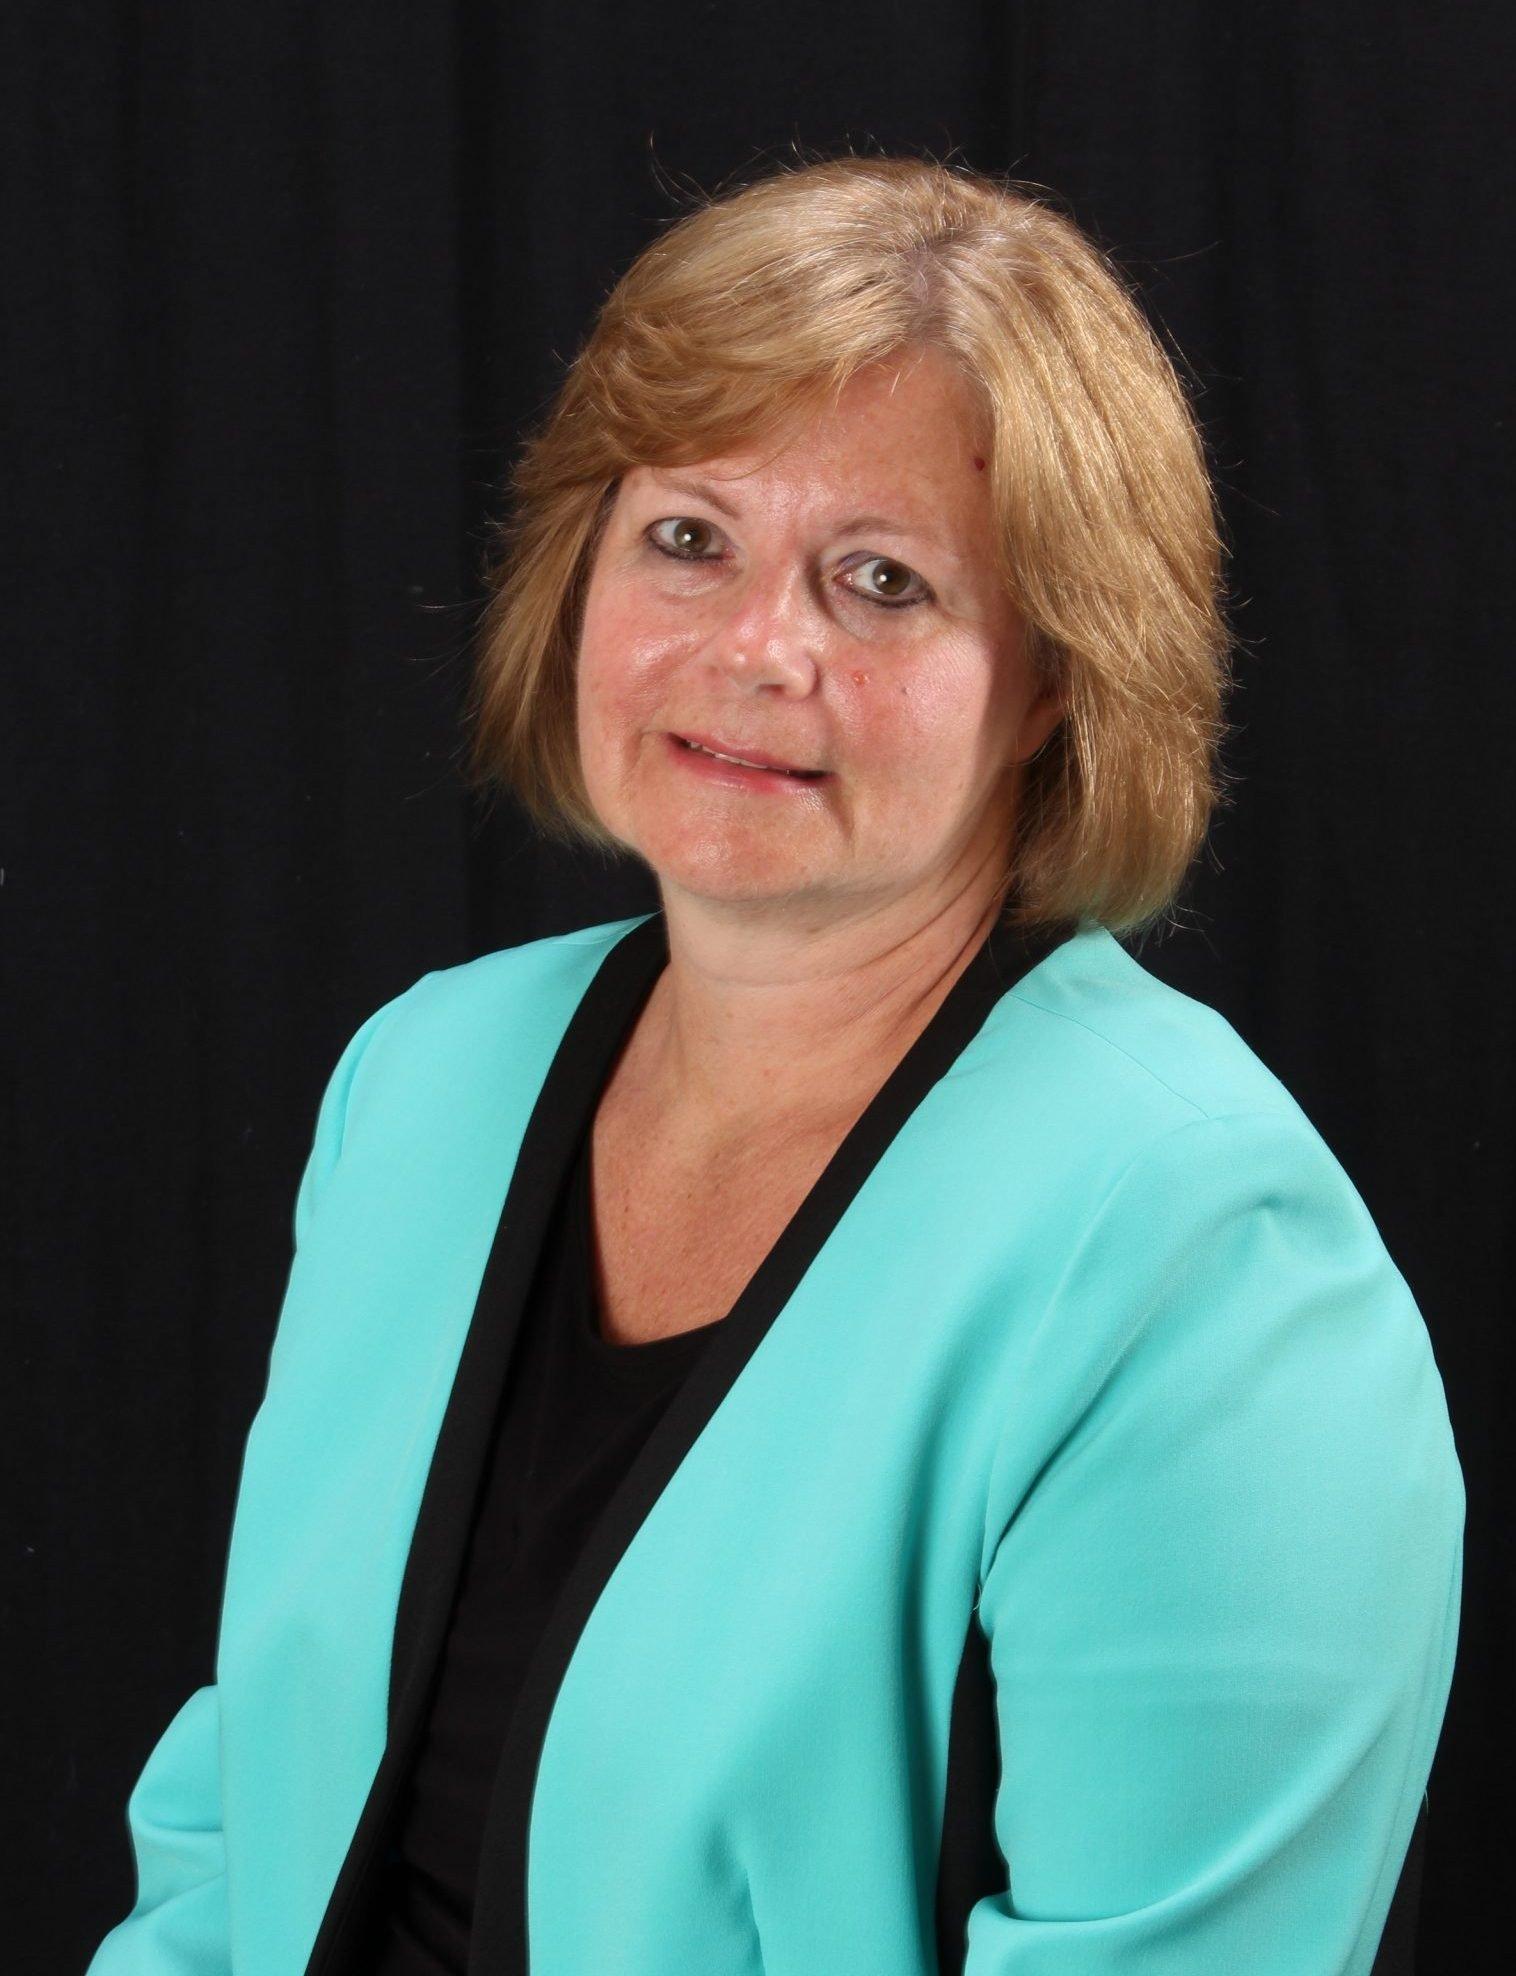 Christine Baldyga